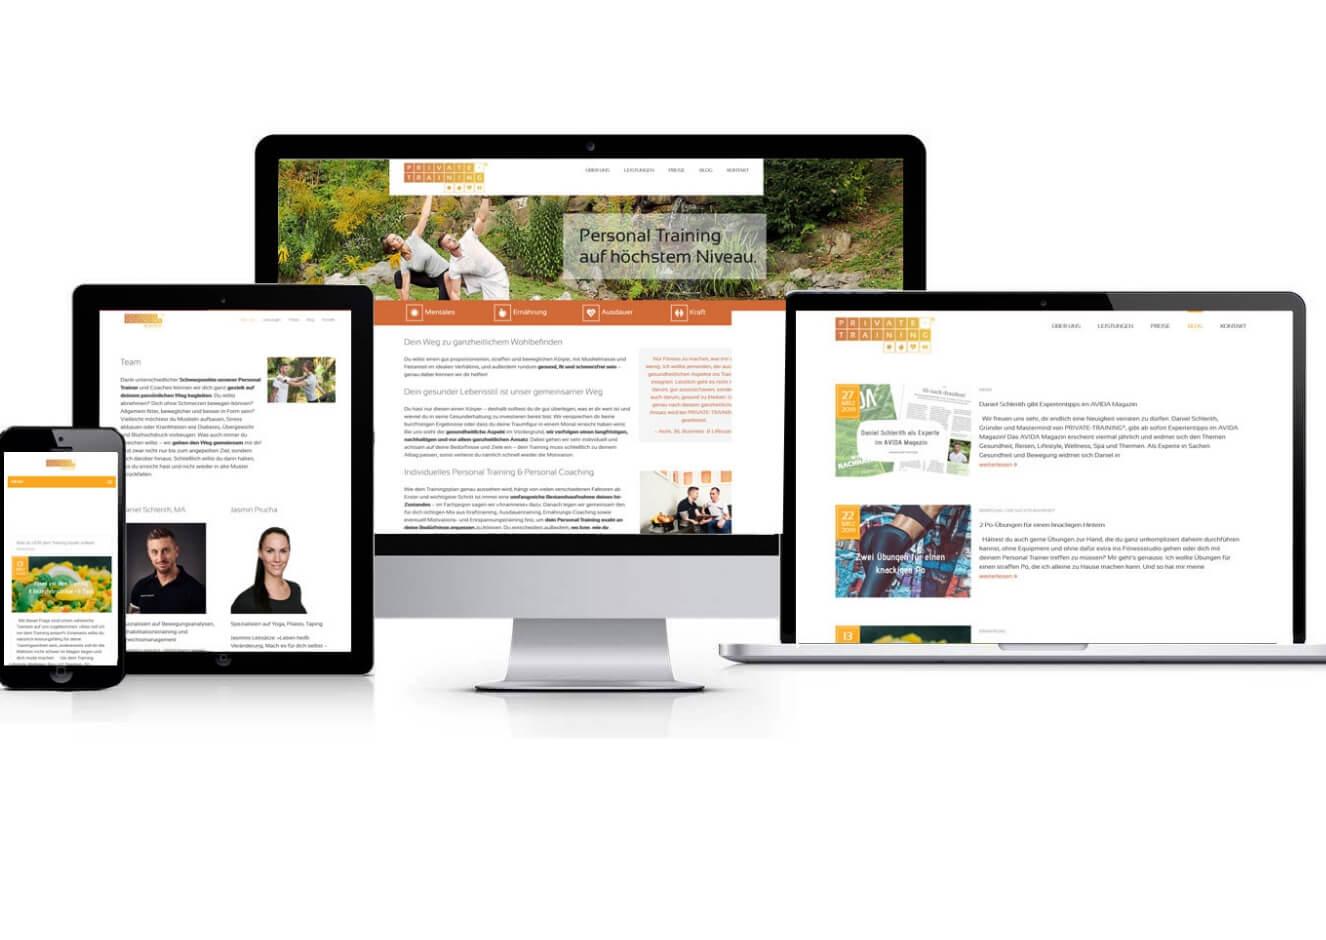 Website-Texte, Blogartikel und Projektmanagement für die Website www.private-training.at